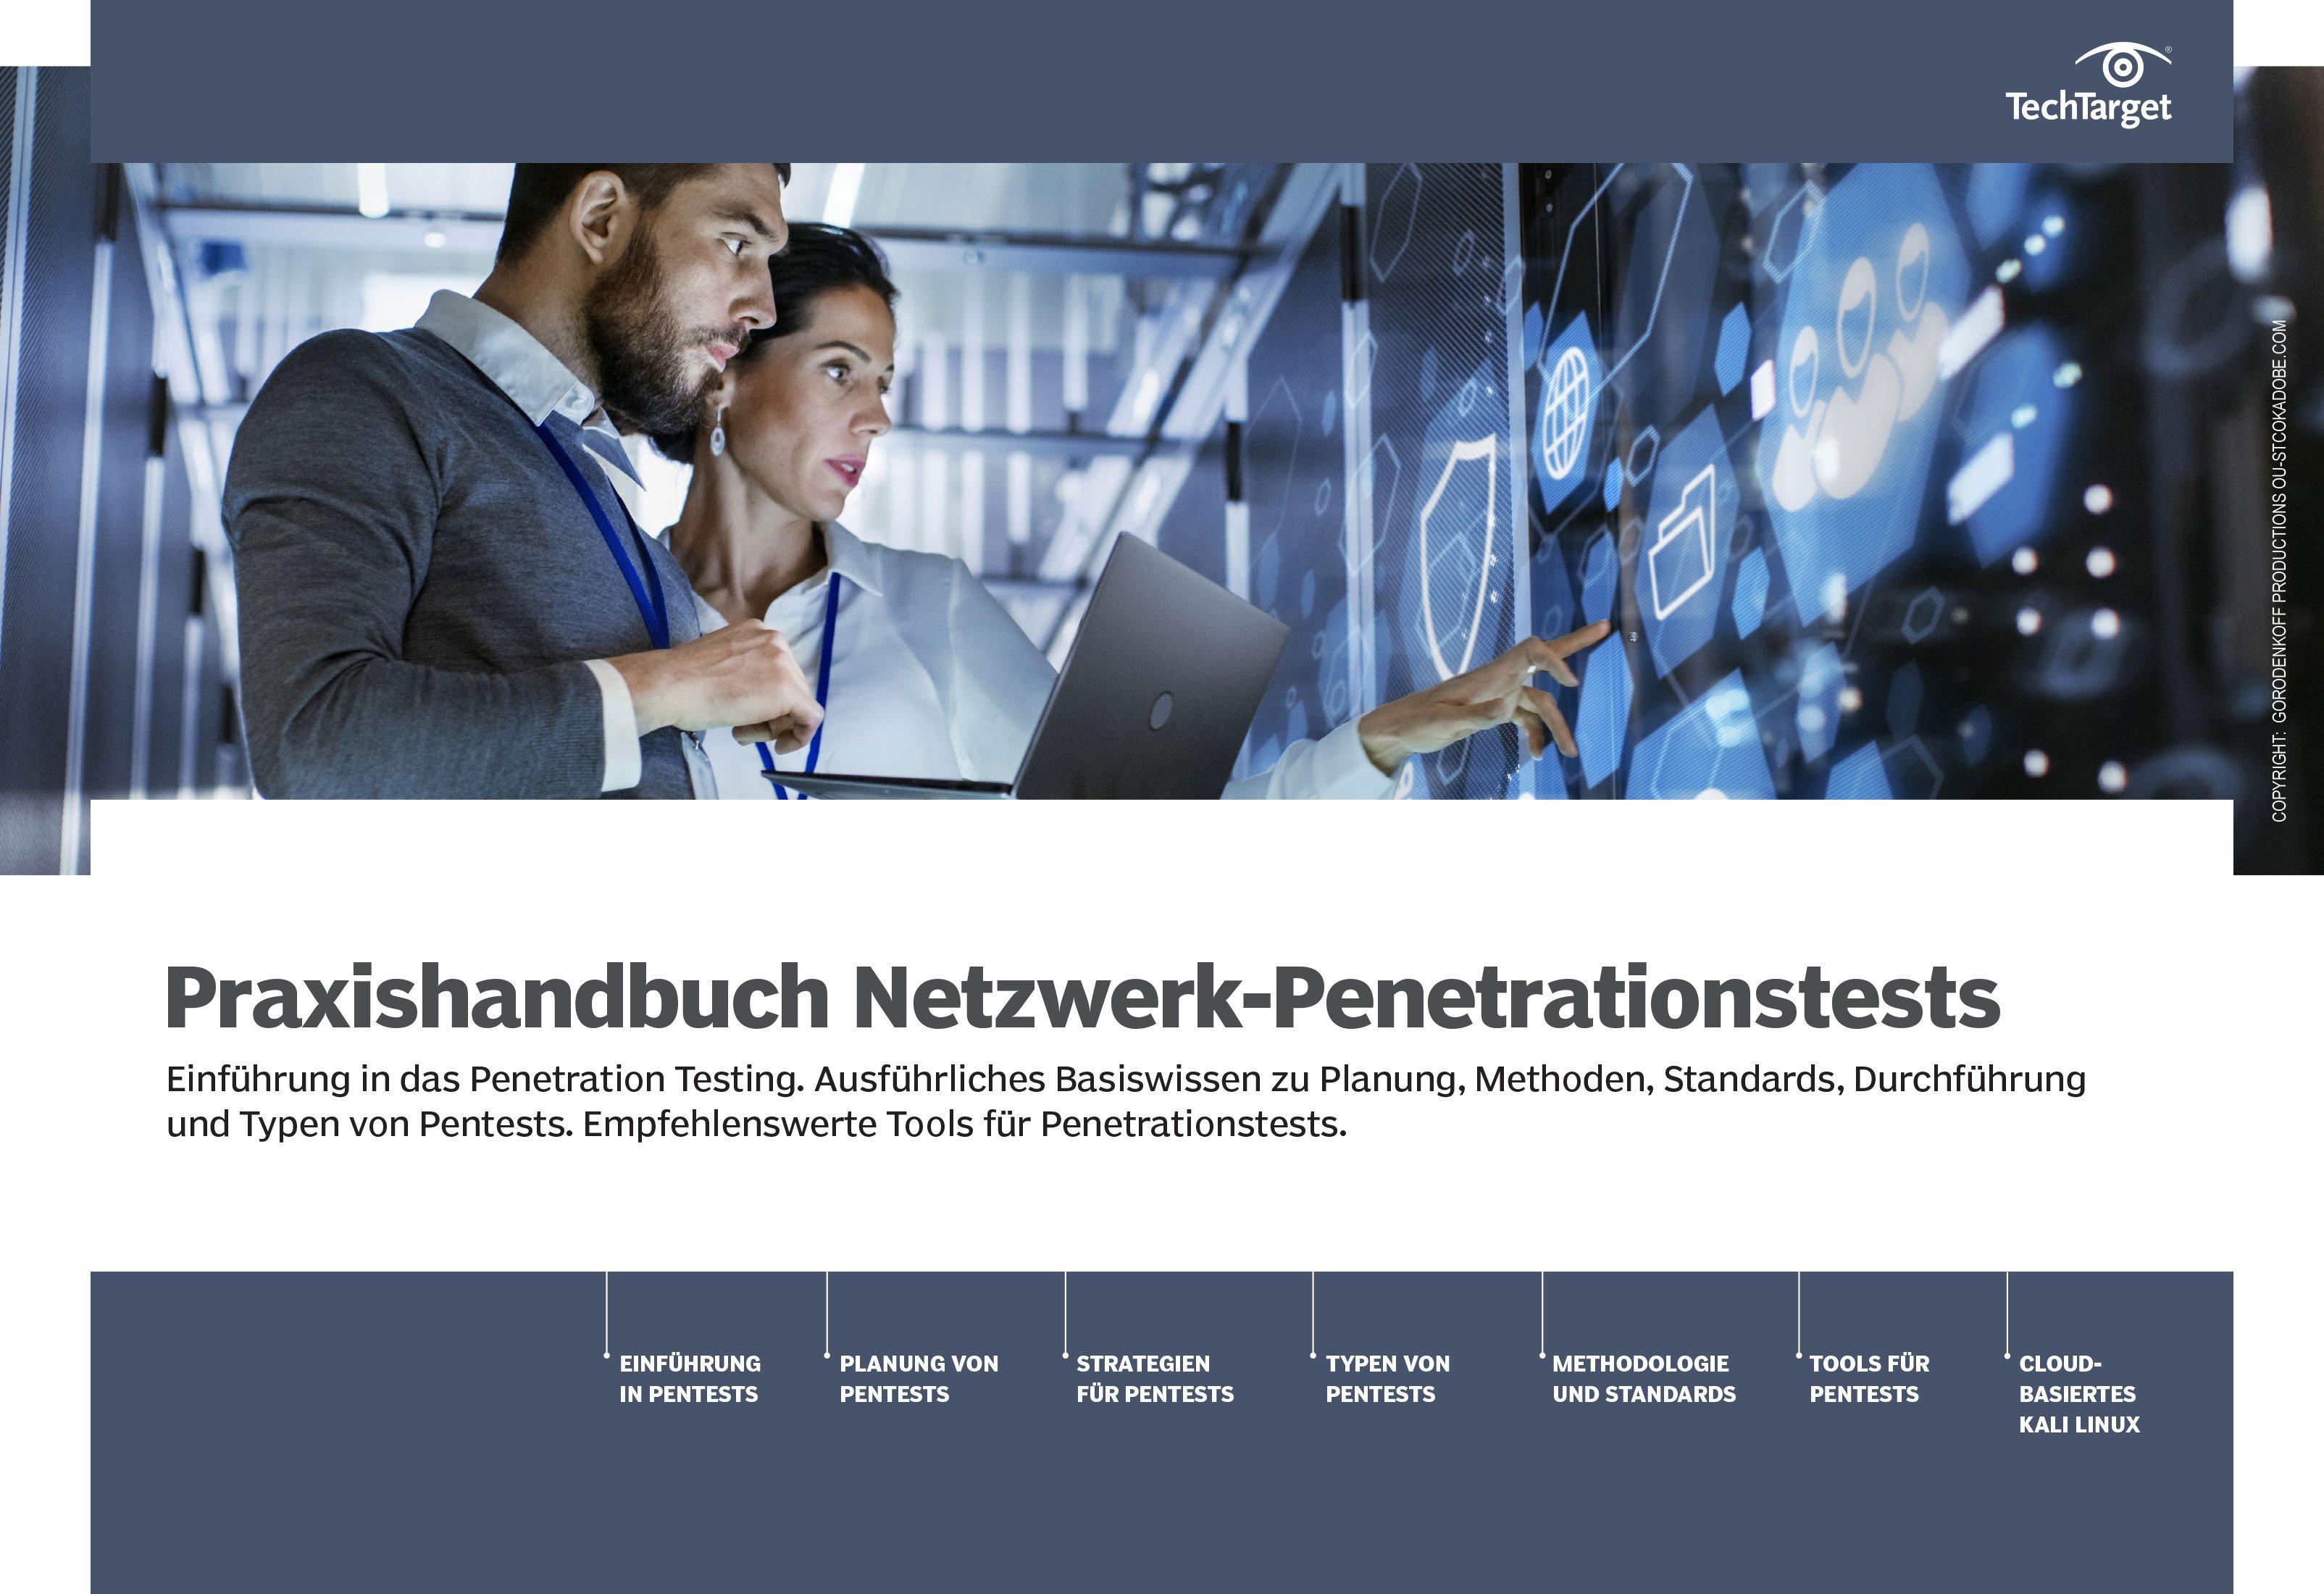 Praxishandbuch Netzwerk Penetrationstests